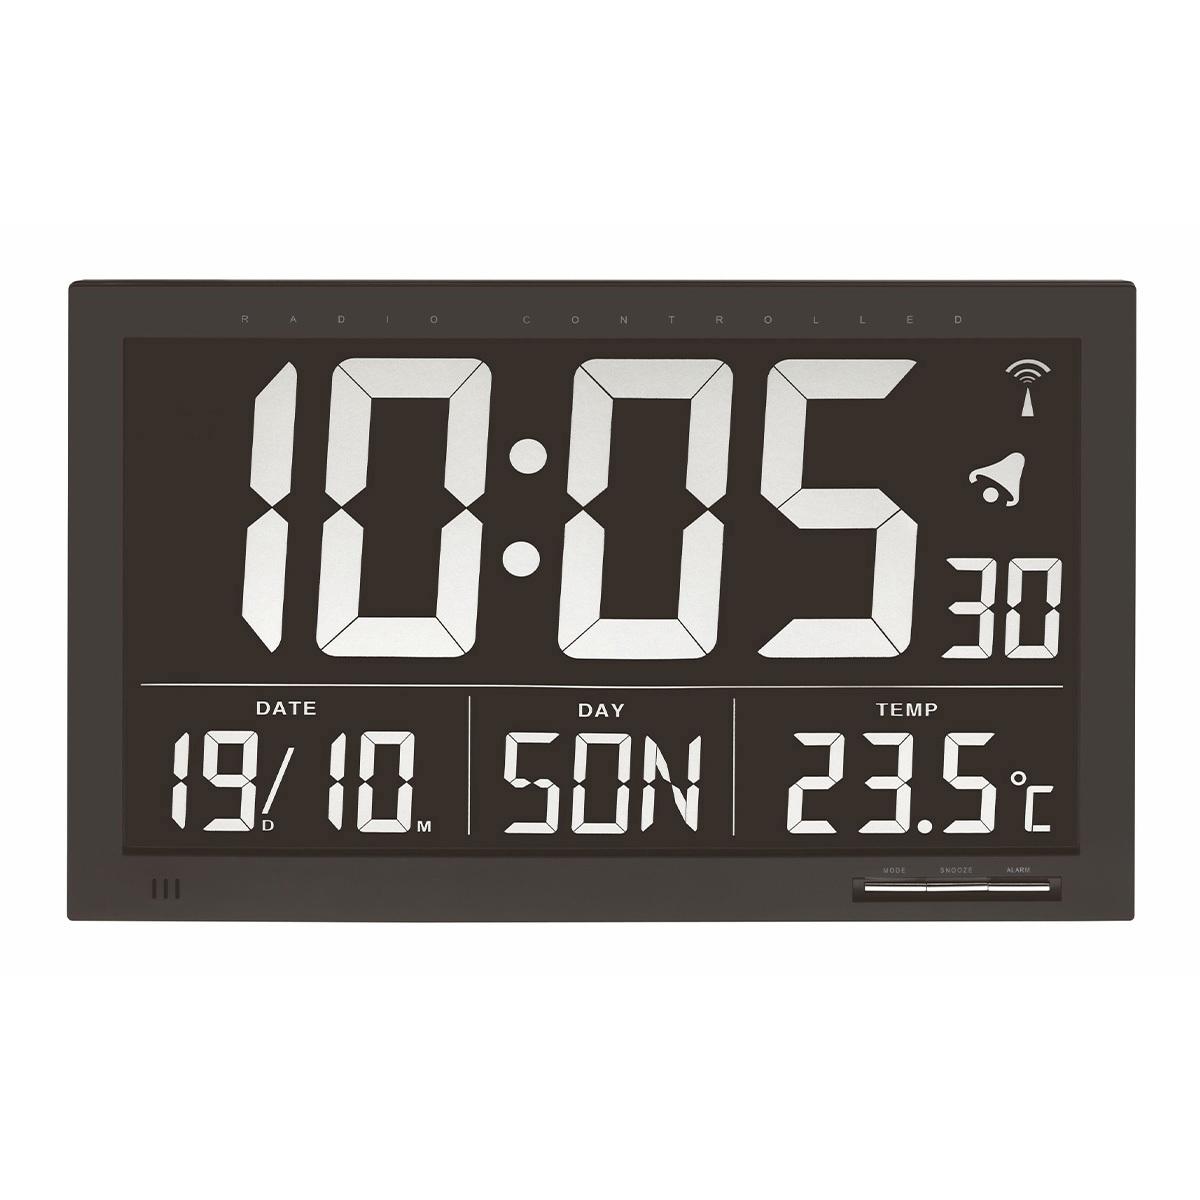 60-4505-digitale-xl-funkuhr-mit-temperatur-1200x1200px.jpg